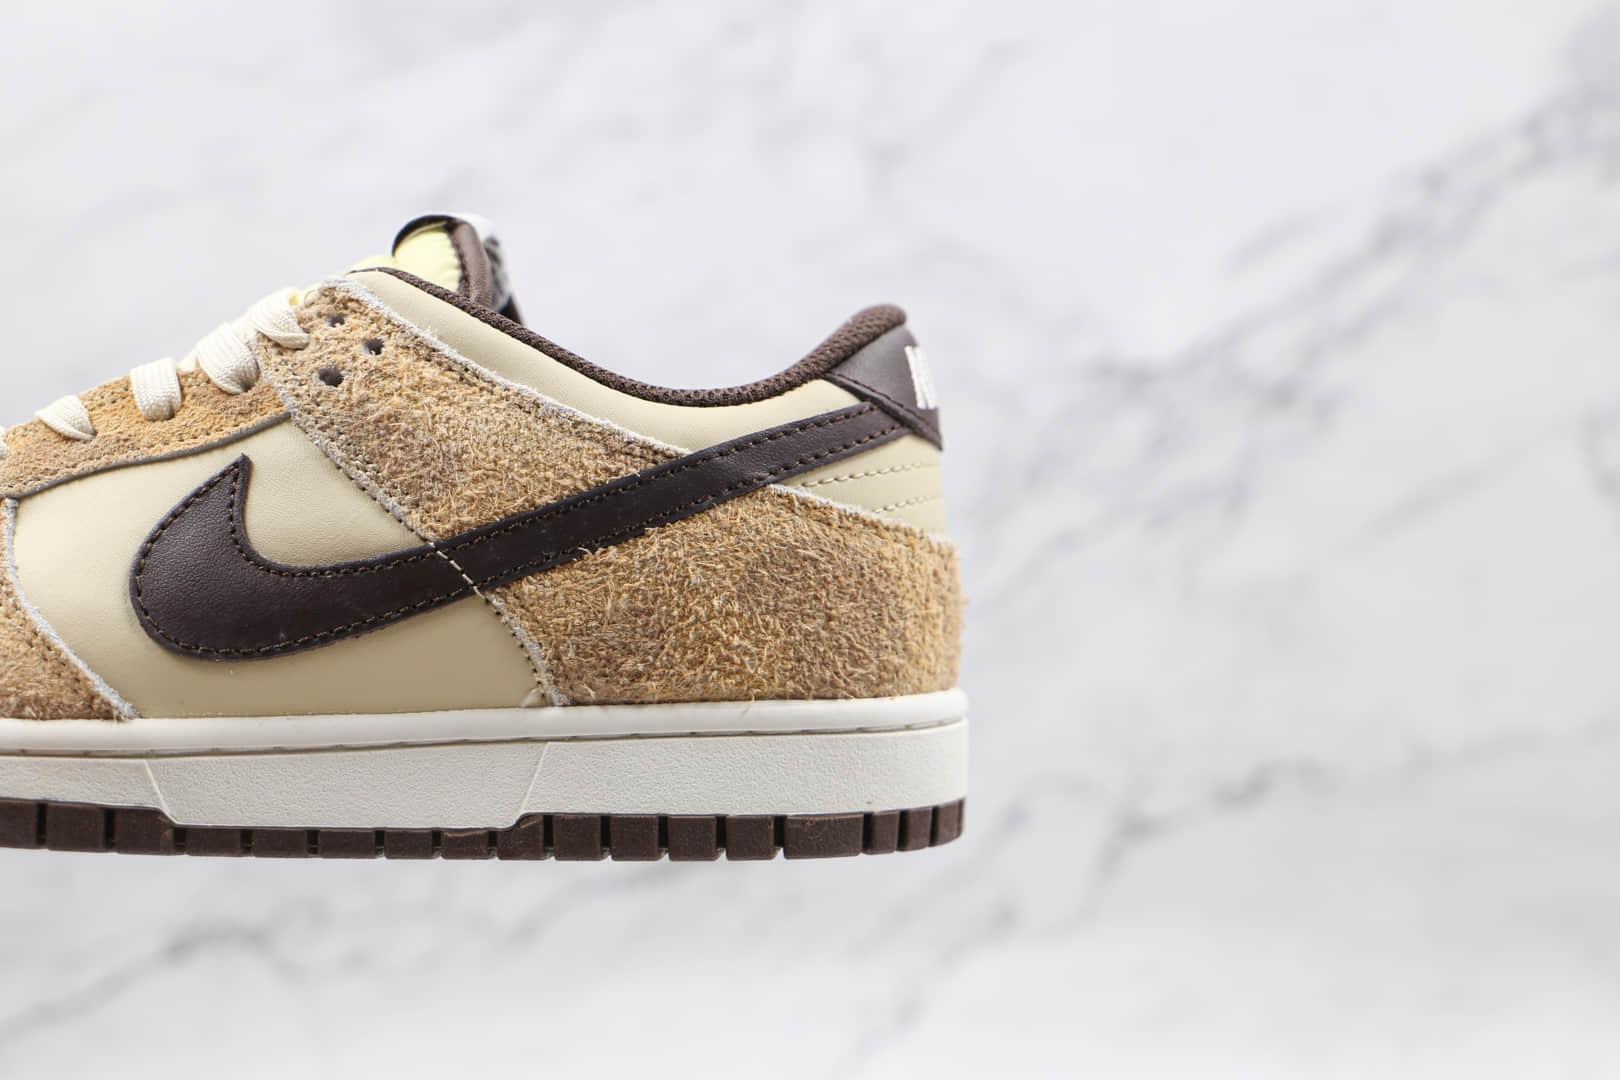 耐克Nike Dunk Low Retro PRM Cheetah纯原版本低帮DUNK米白棕猎豹动物印花板鞋原盒原标 货号:DH7913-200